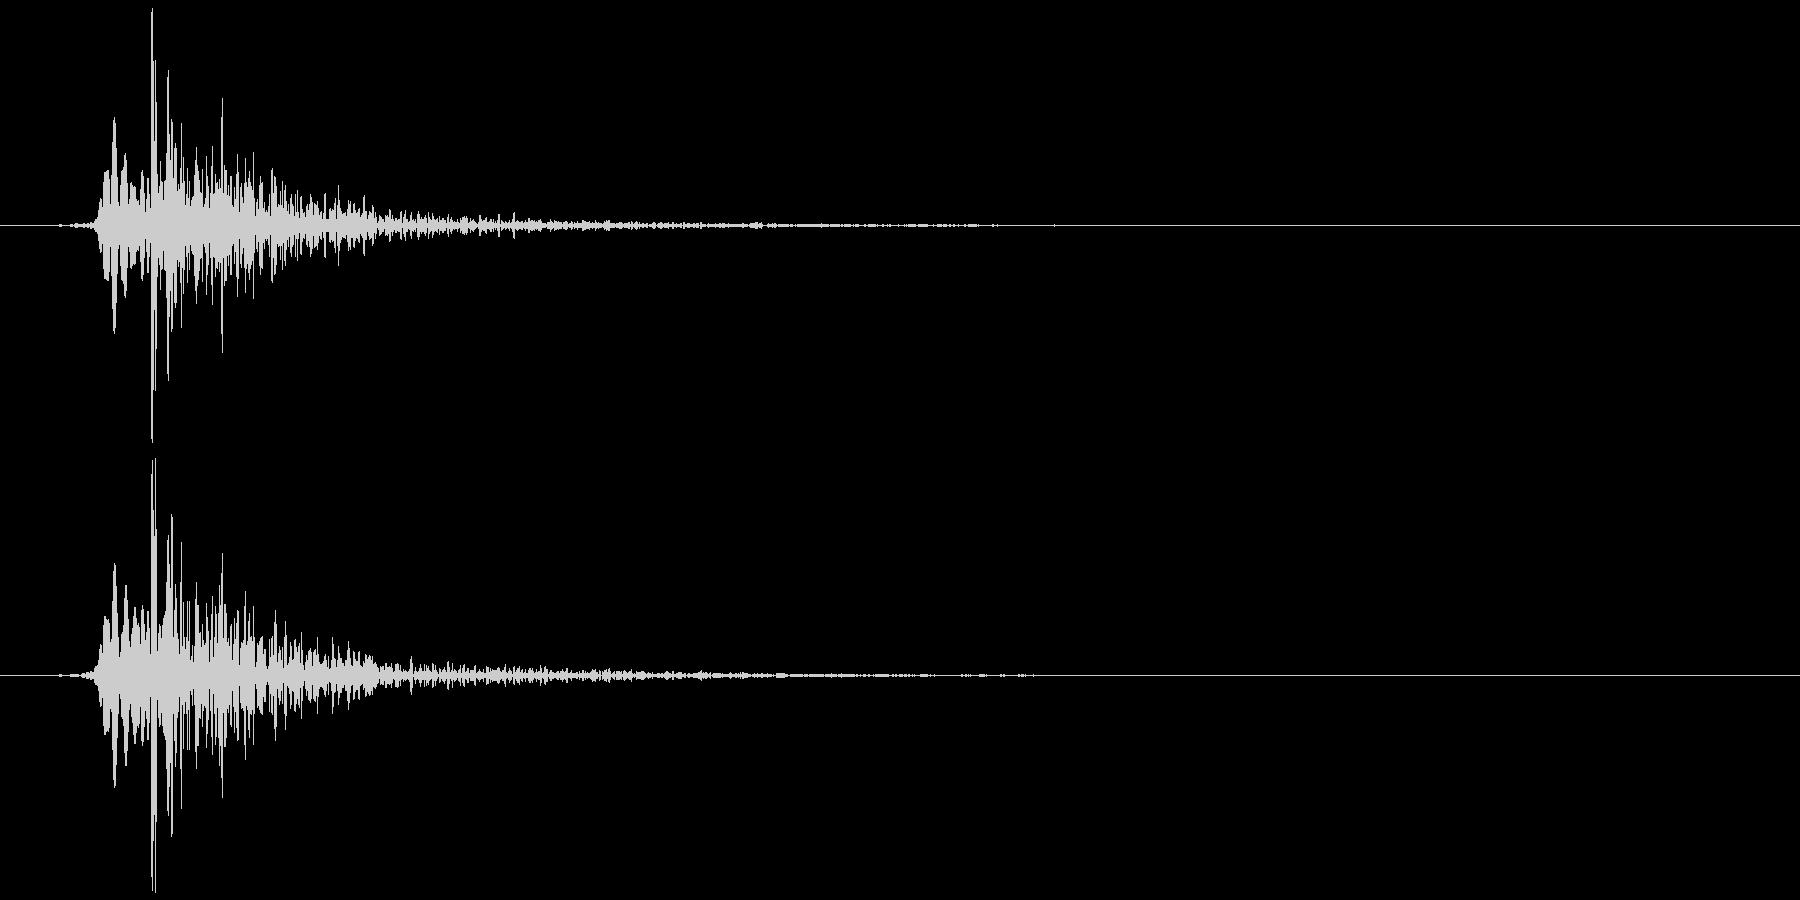 鍋のふた開くOR閉める B (カタッ)の未再生の波形